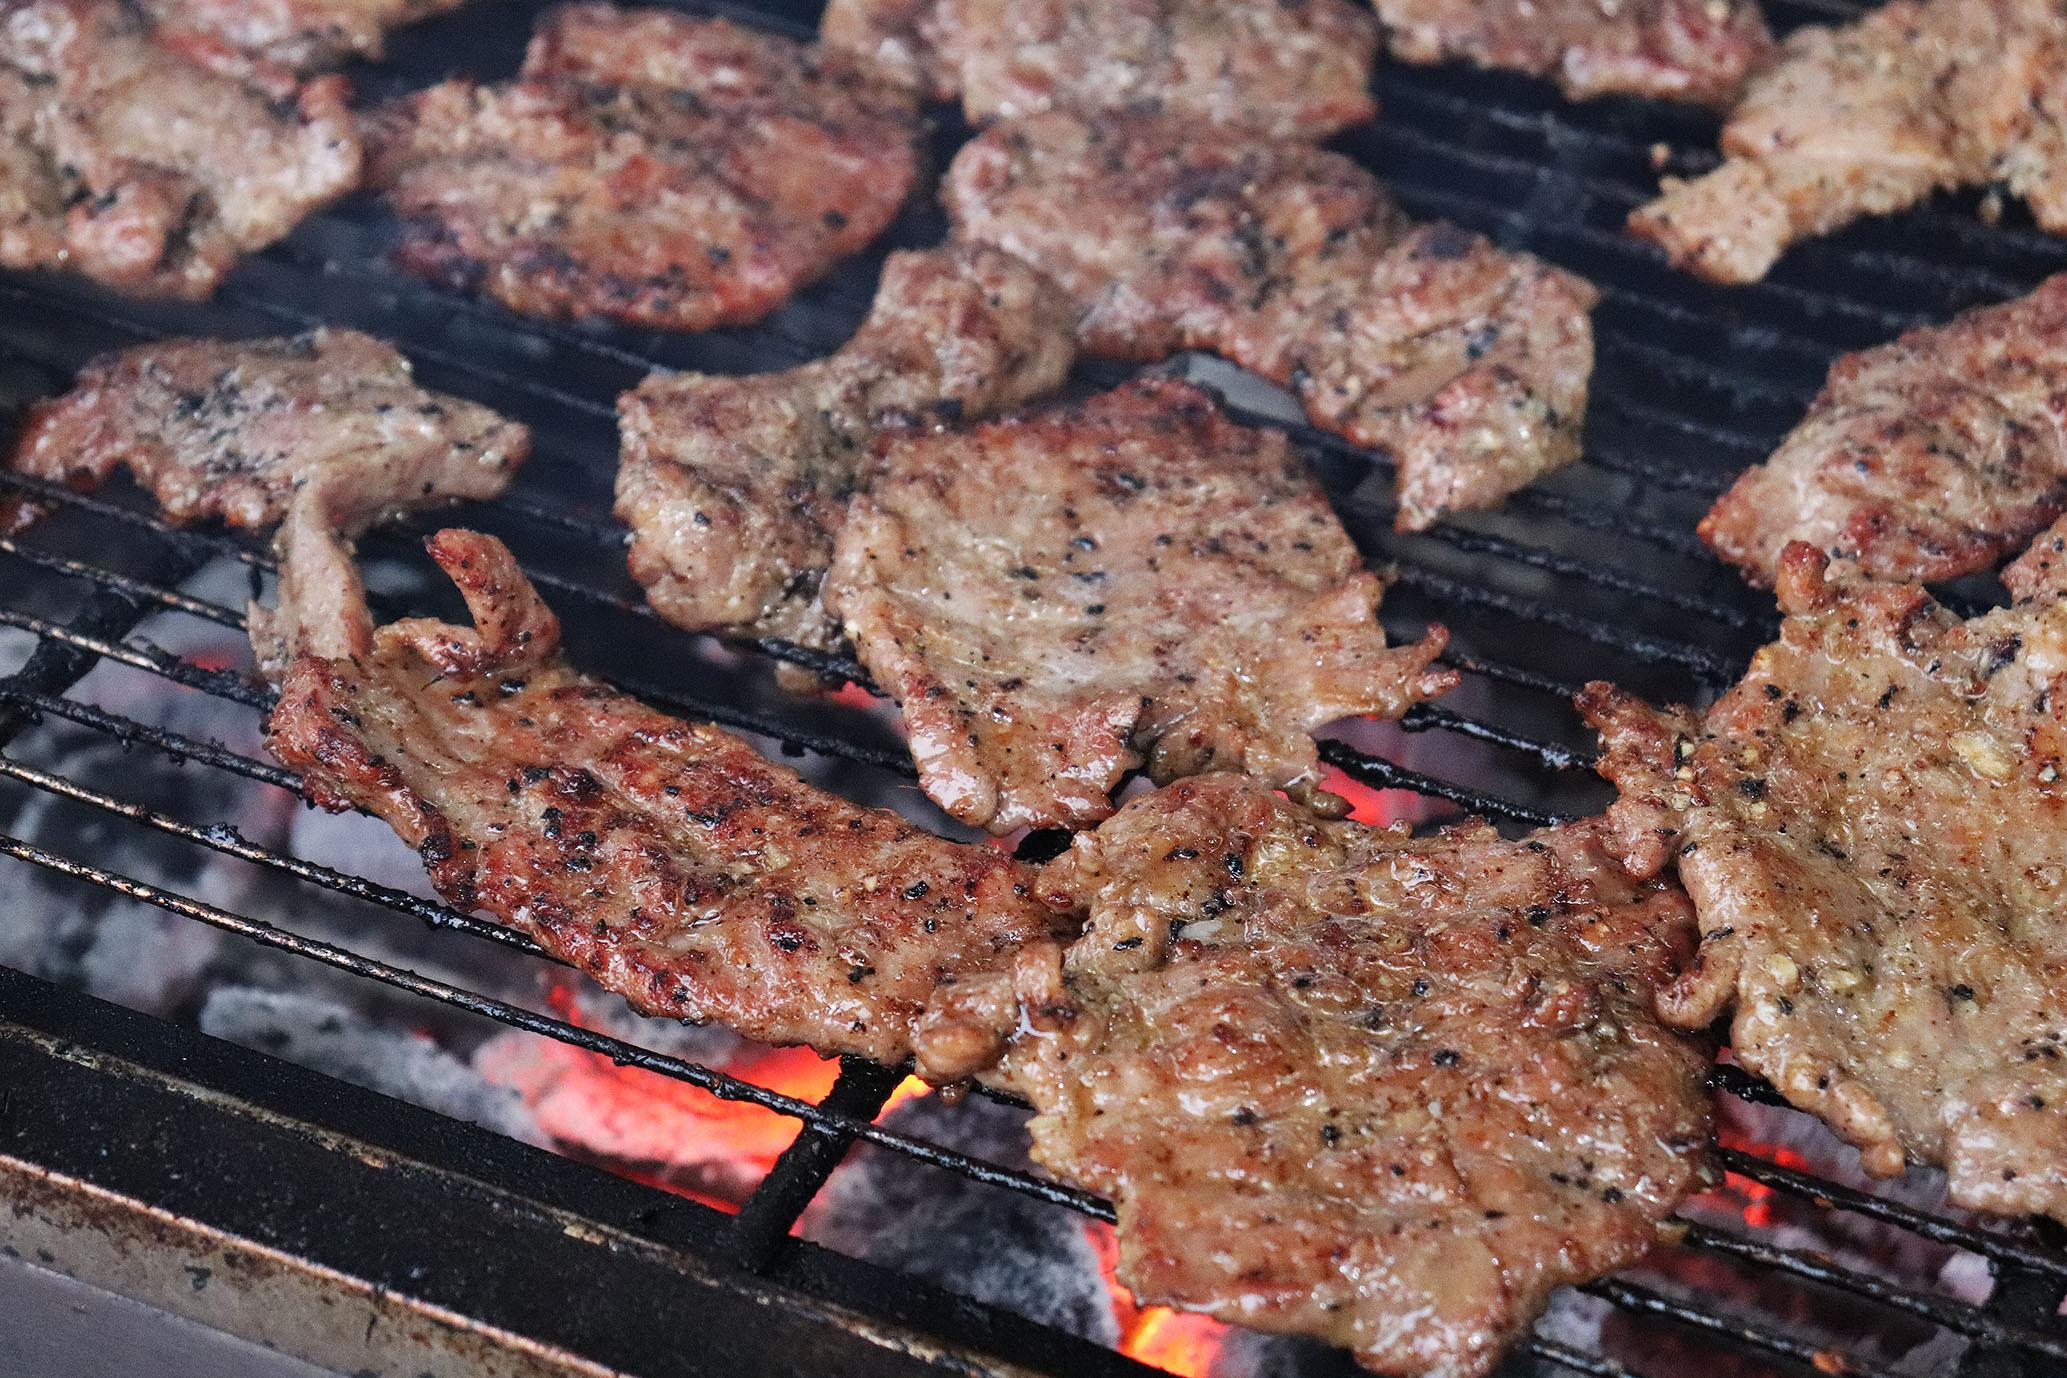 炭火で焼く肉の香りは集客効果抜群だ。